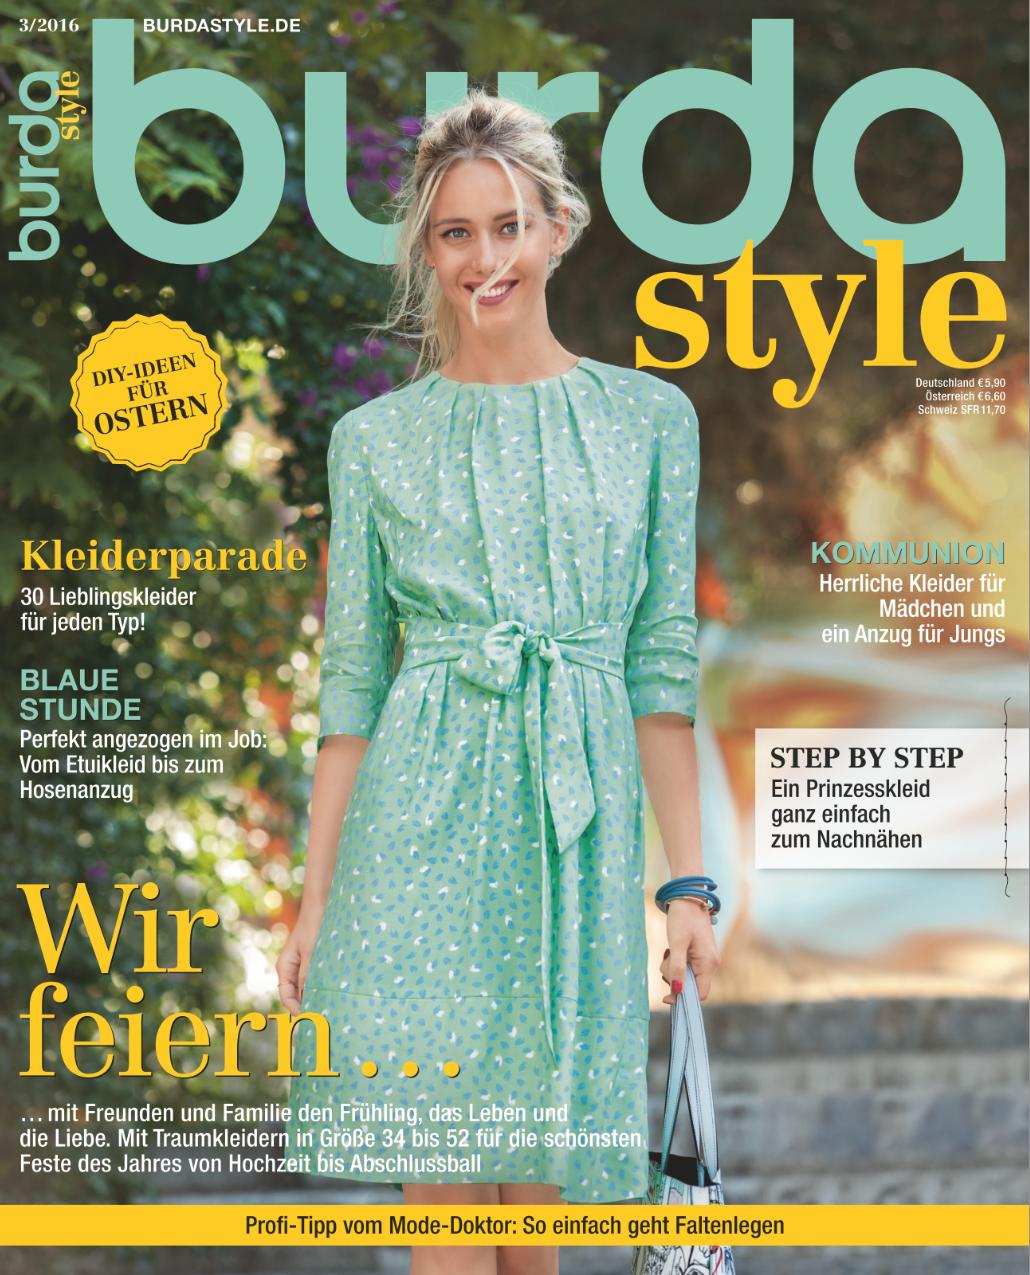 burda style - 03/2016 - Kleider für jeden Typ, Hosenanzug, Culotte ...